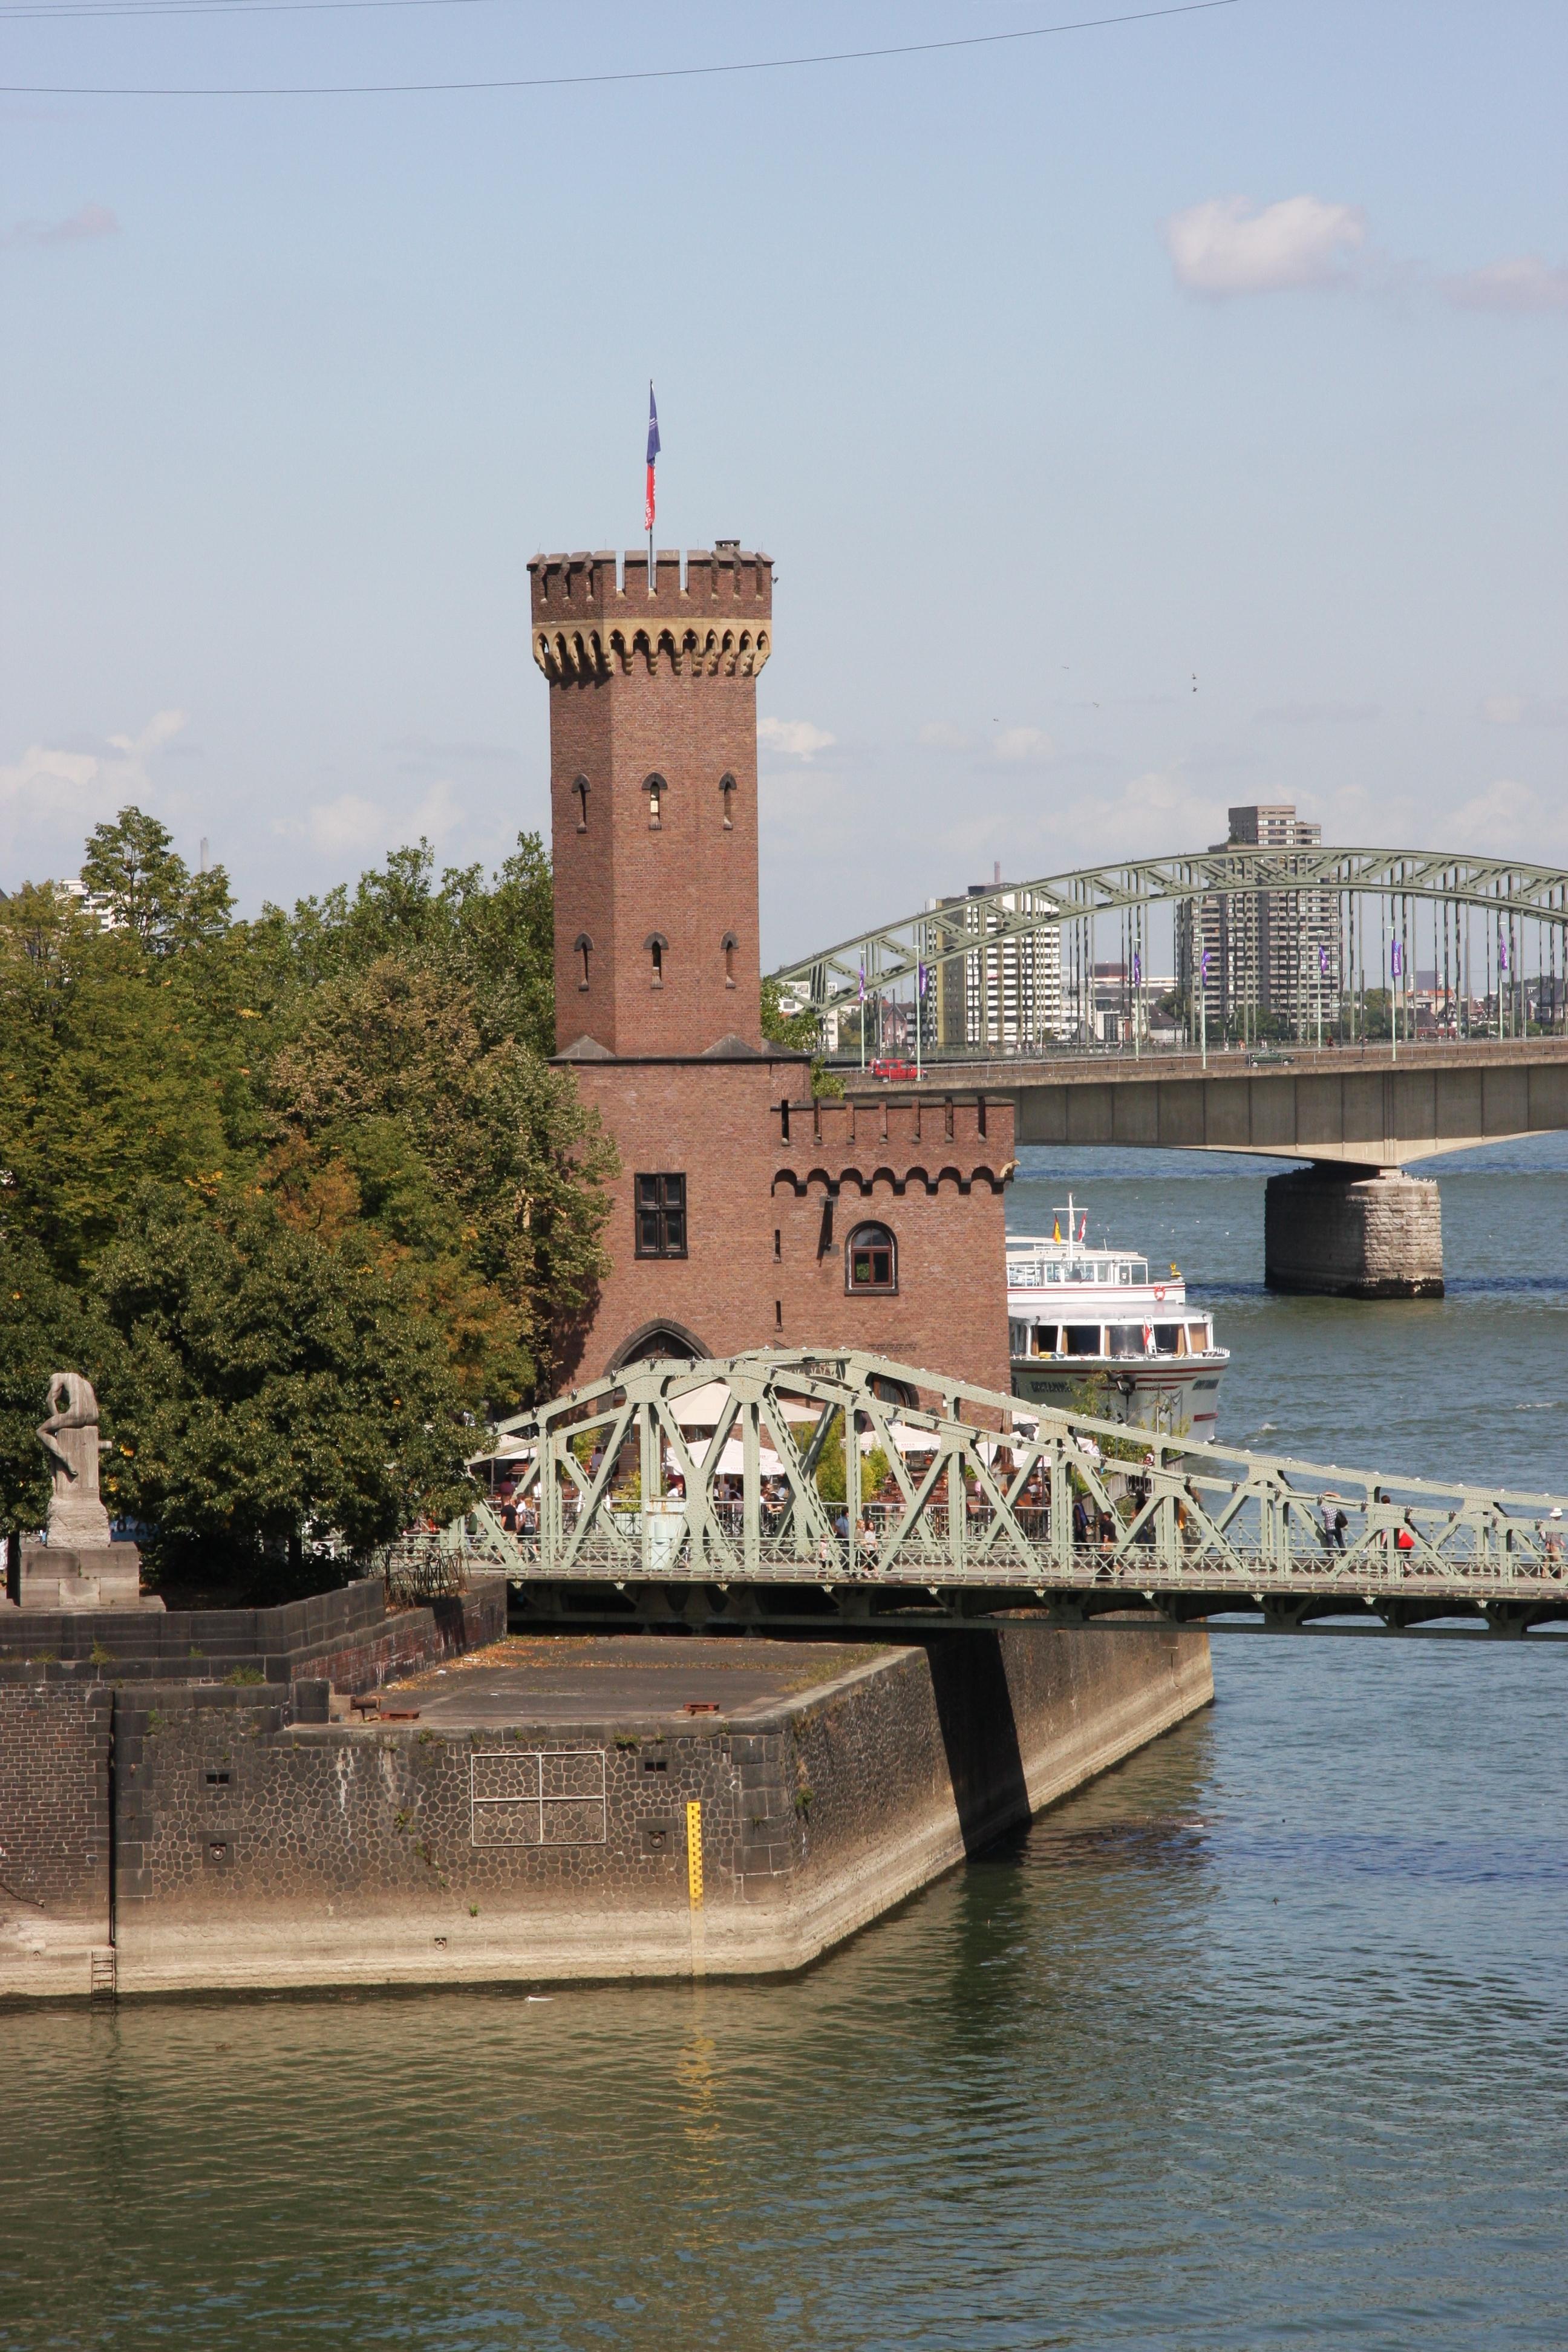 Malakoff Tower